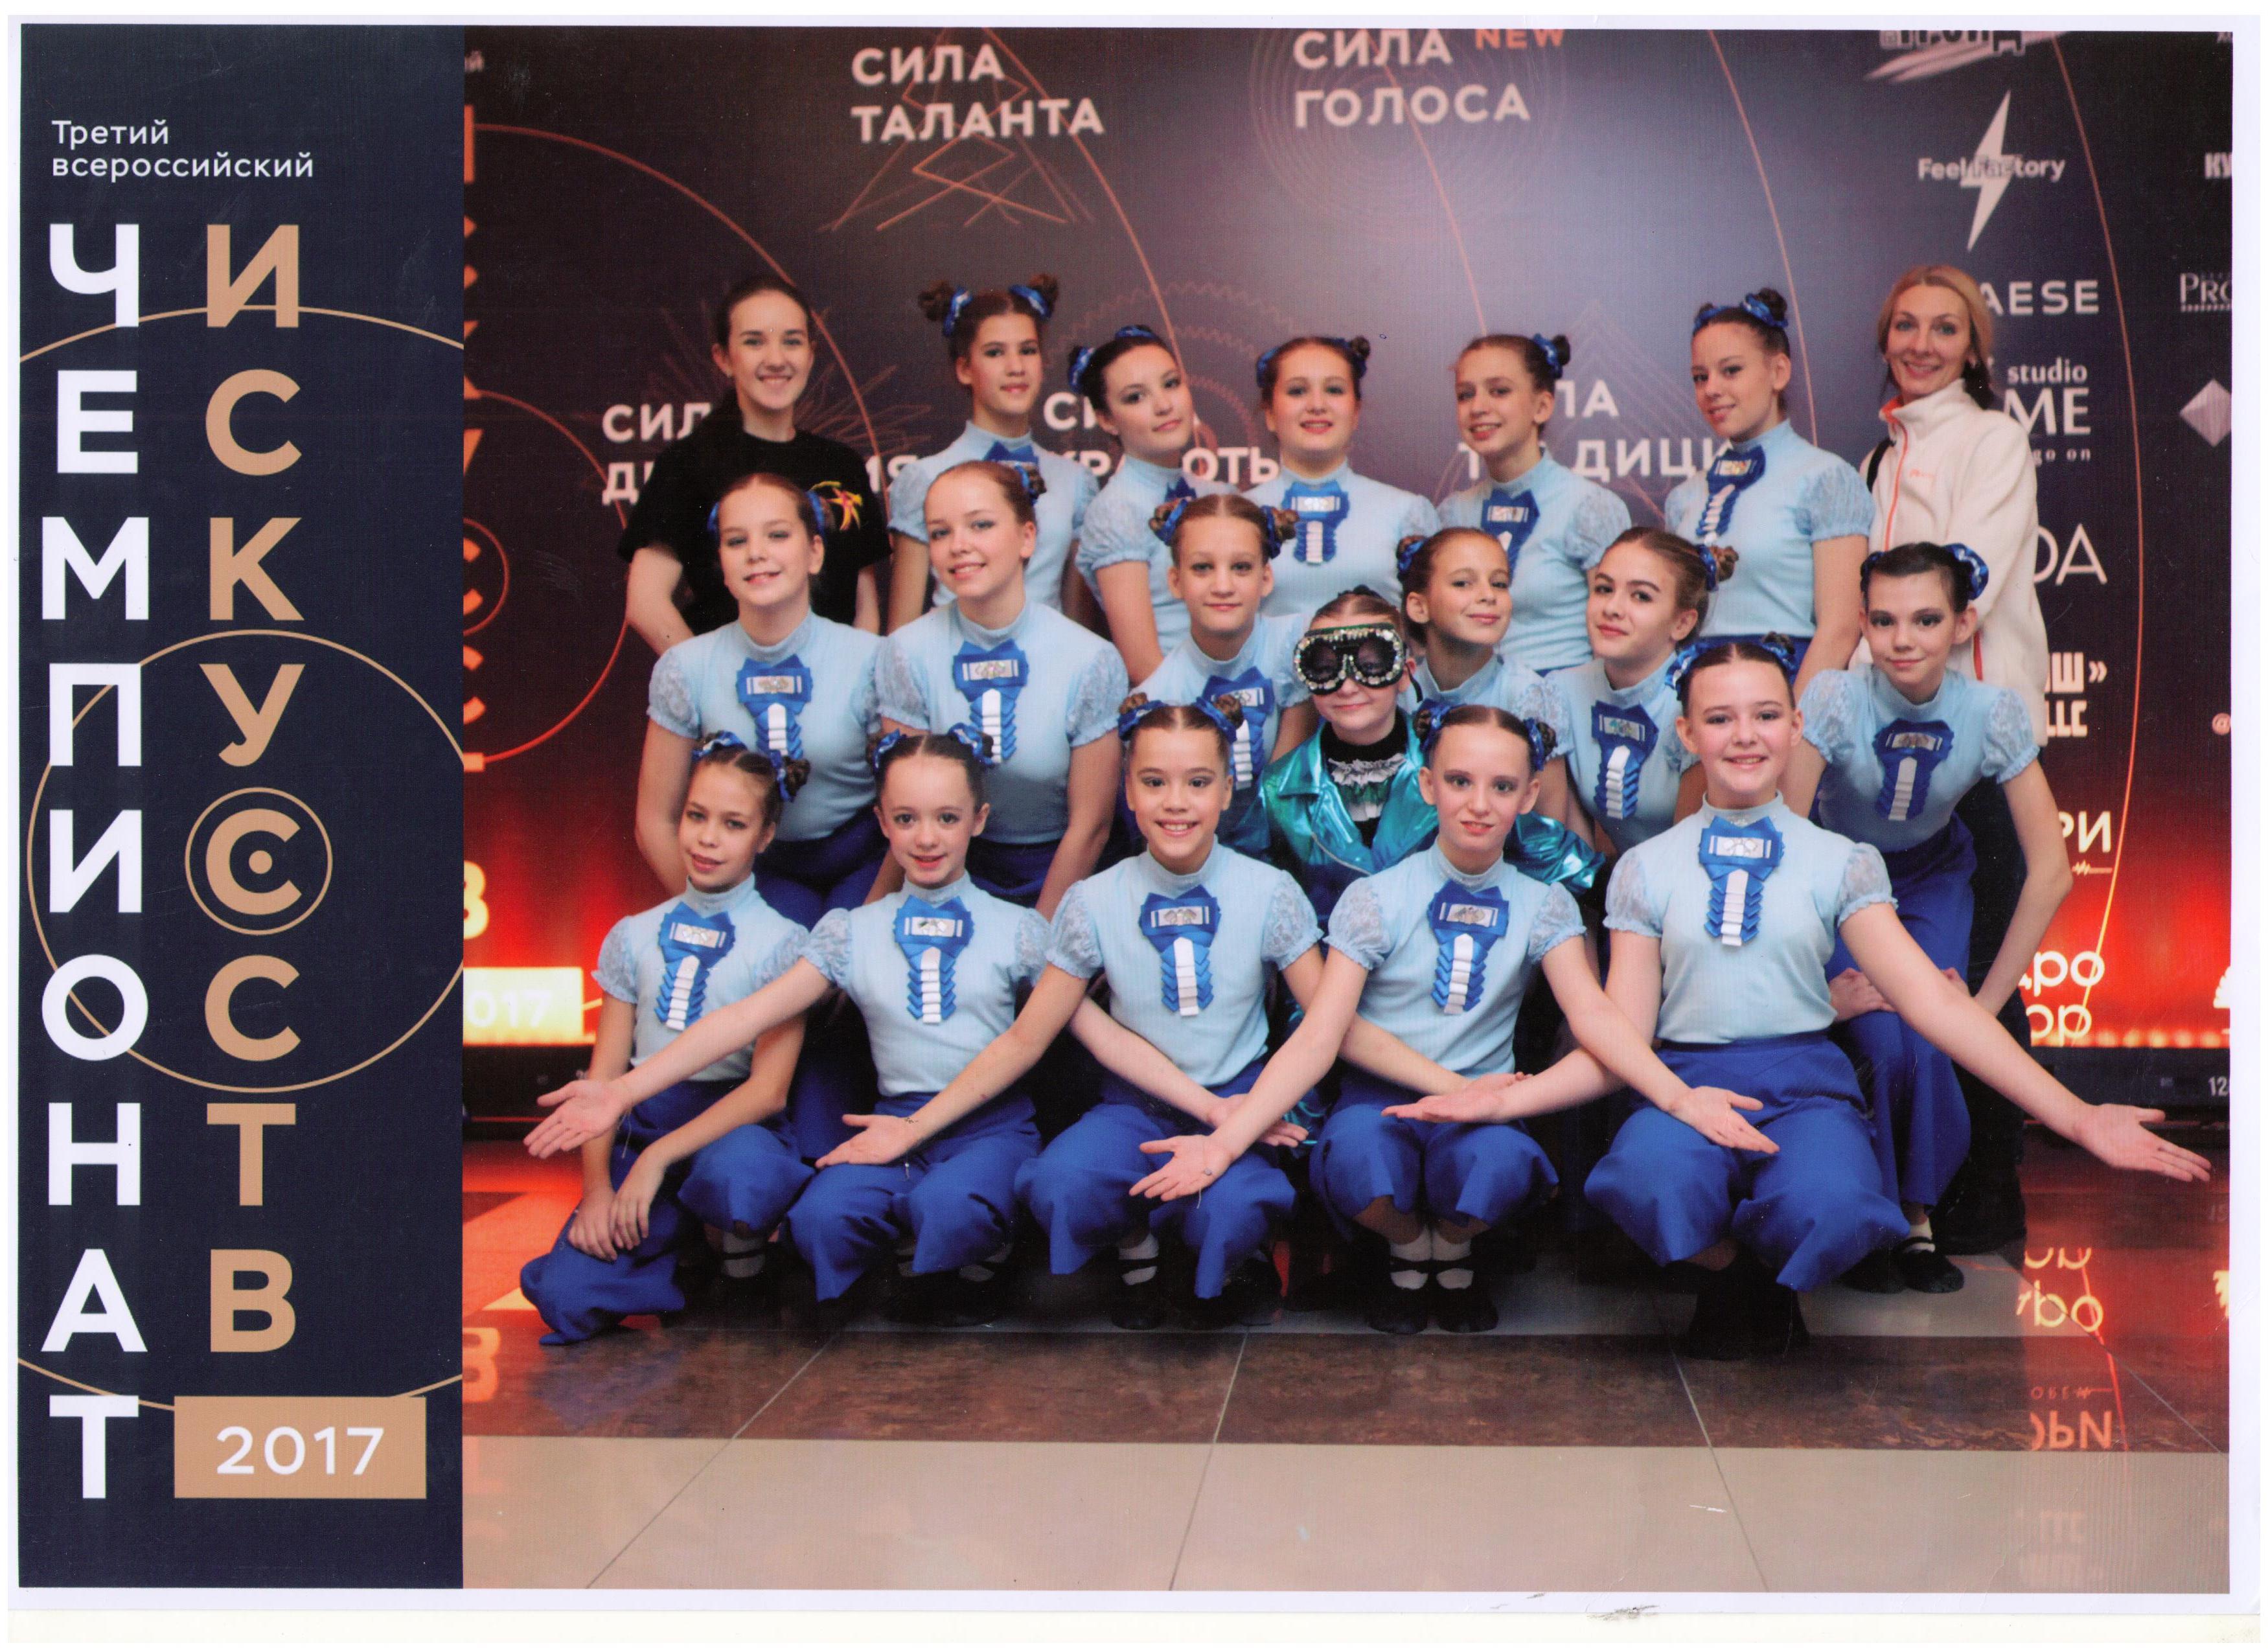 CHempionat-iskusstv_Sredniy-sostav-001